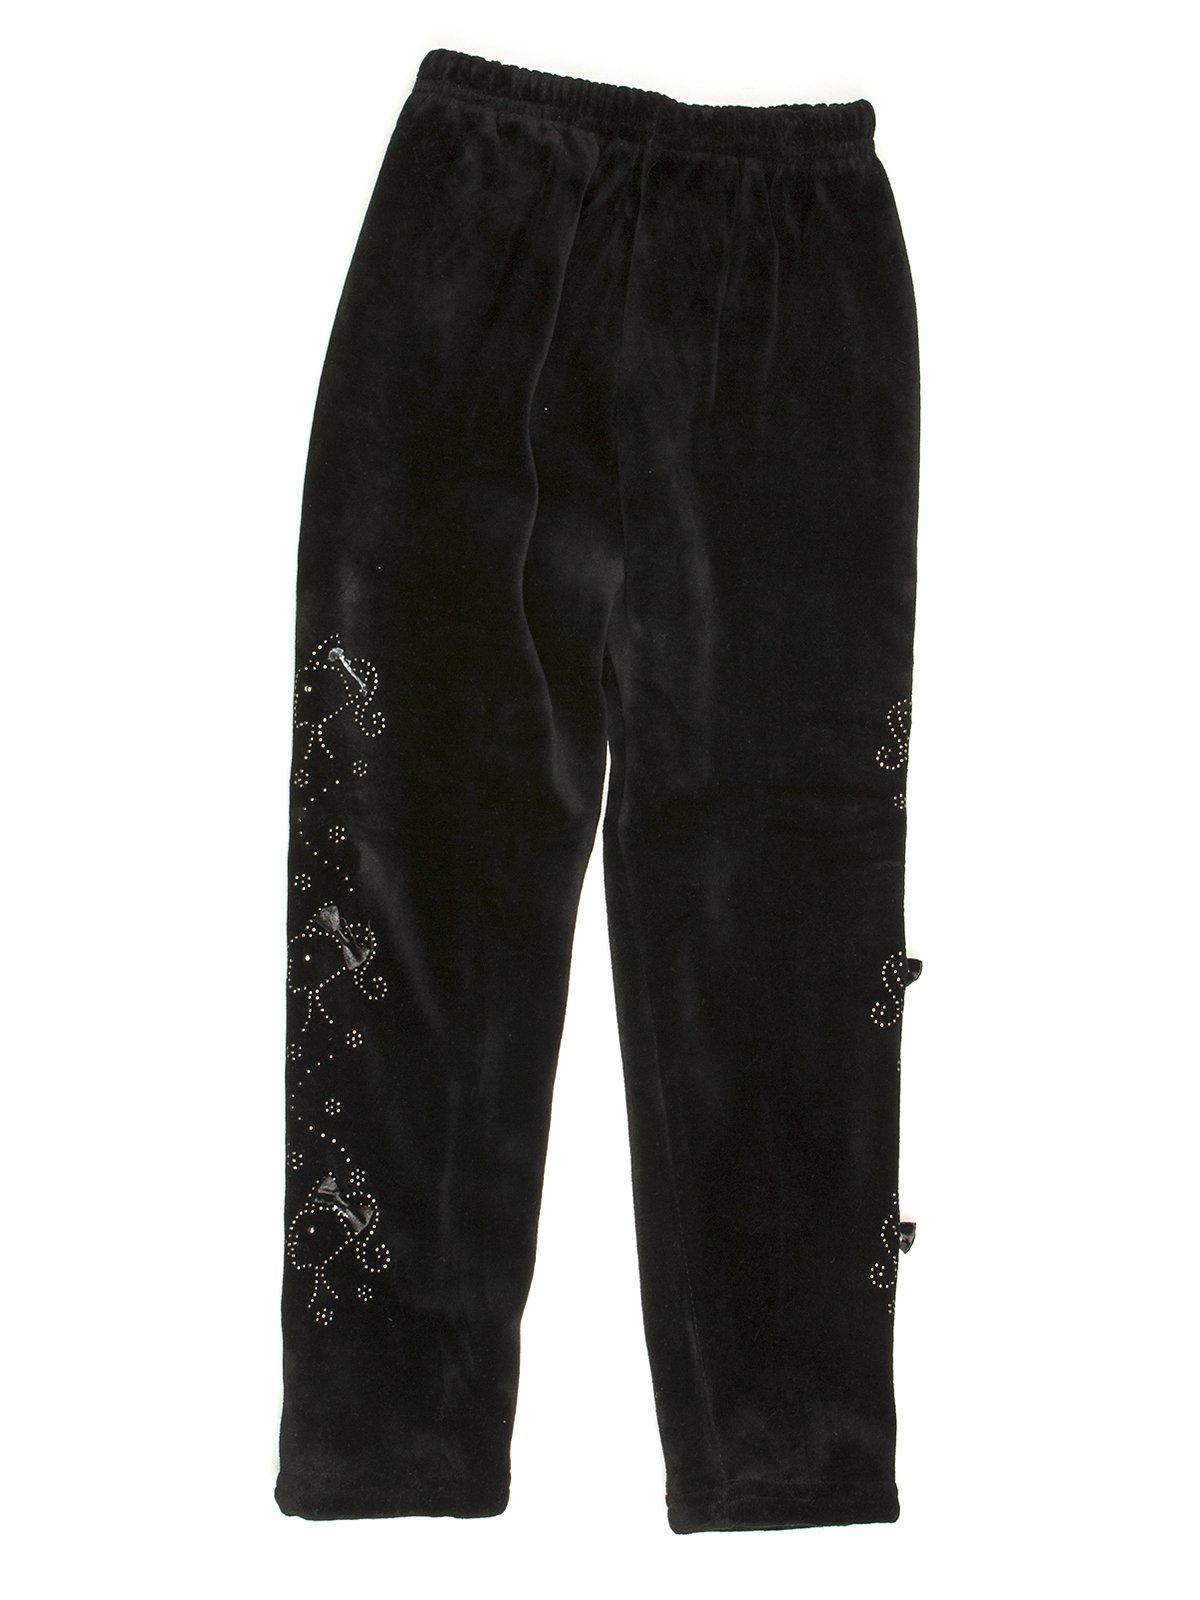 Леггинсы черные велюровые с декором | 576734